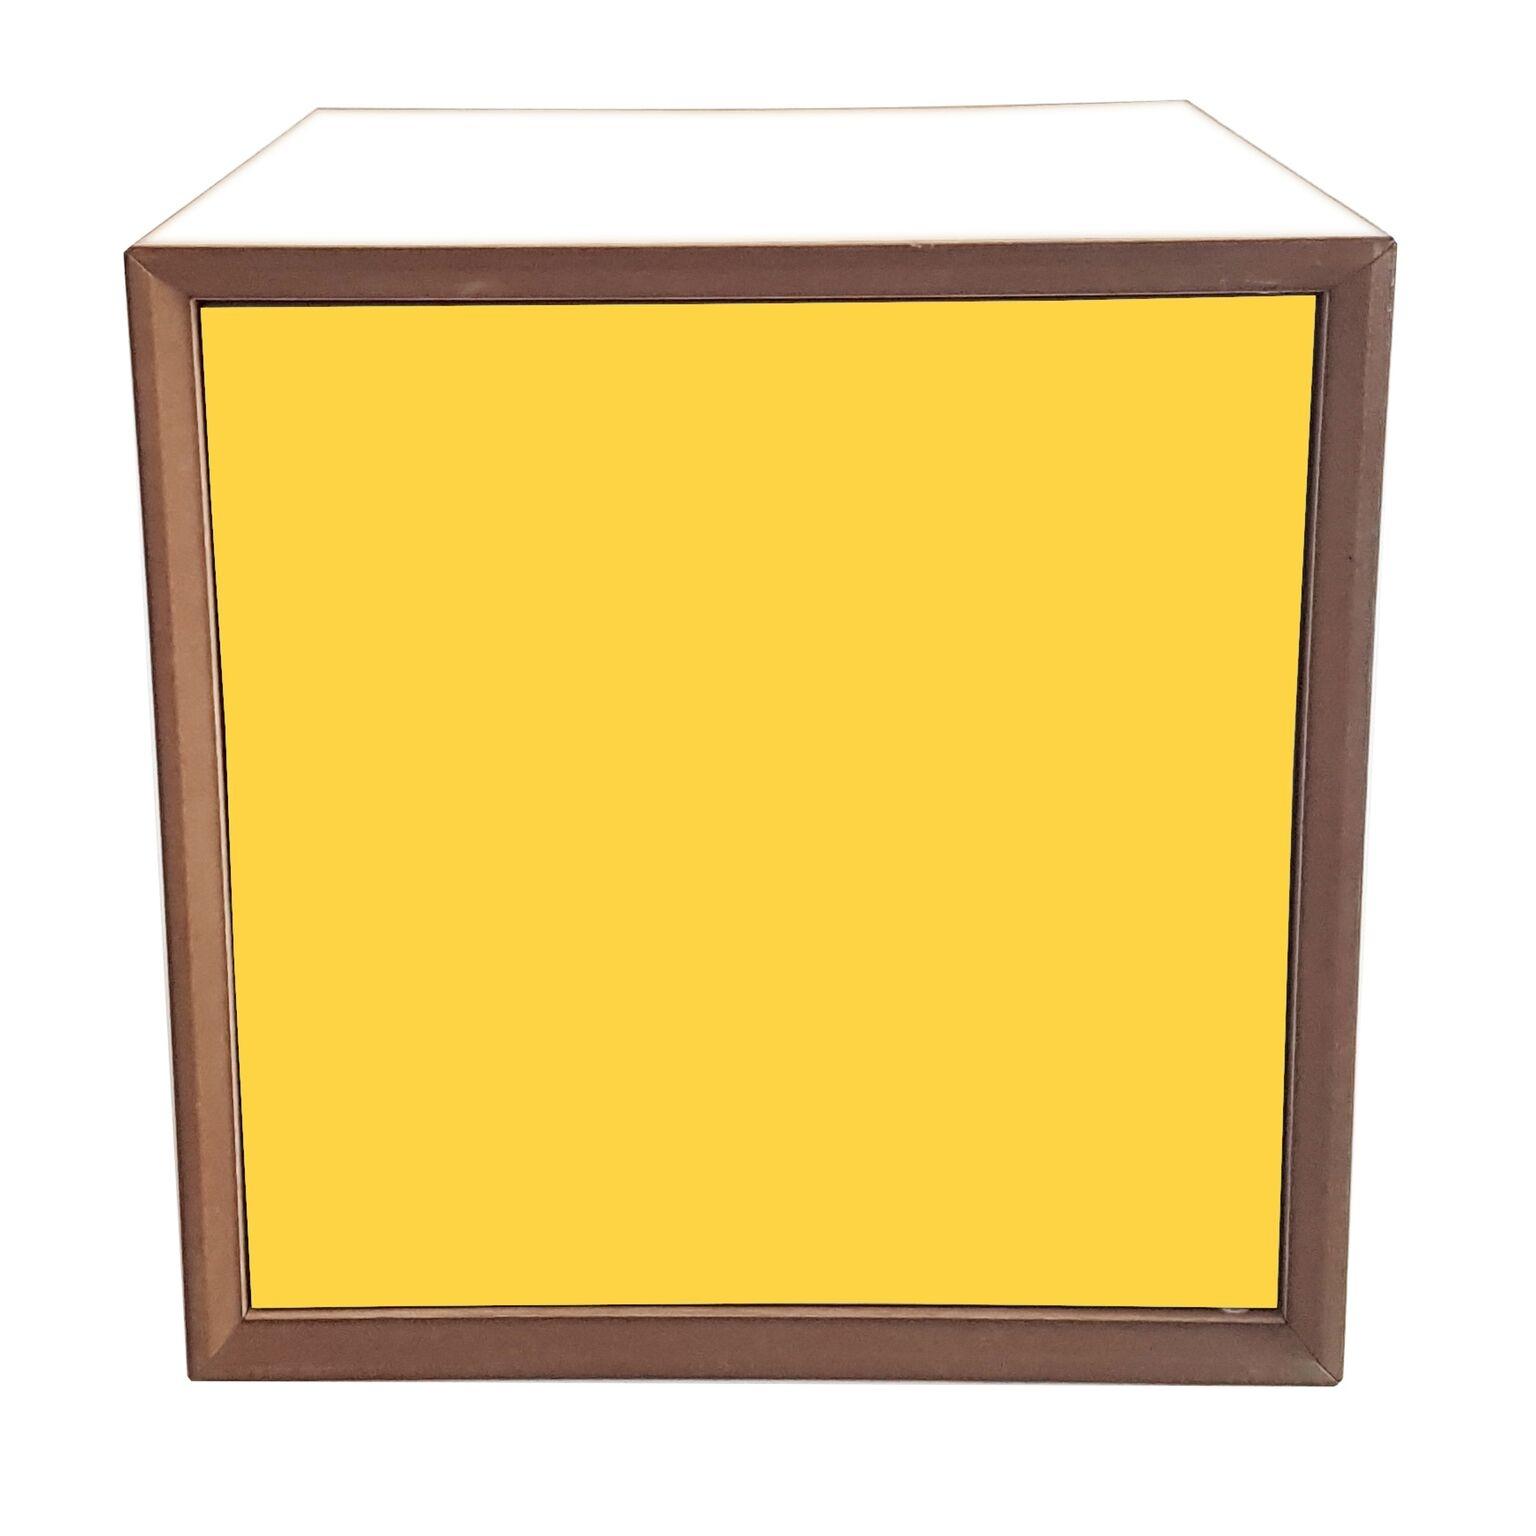 Dulap modular Pixel Yellow / White l40xA40xH40 cm